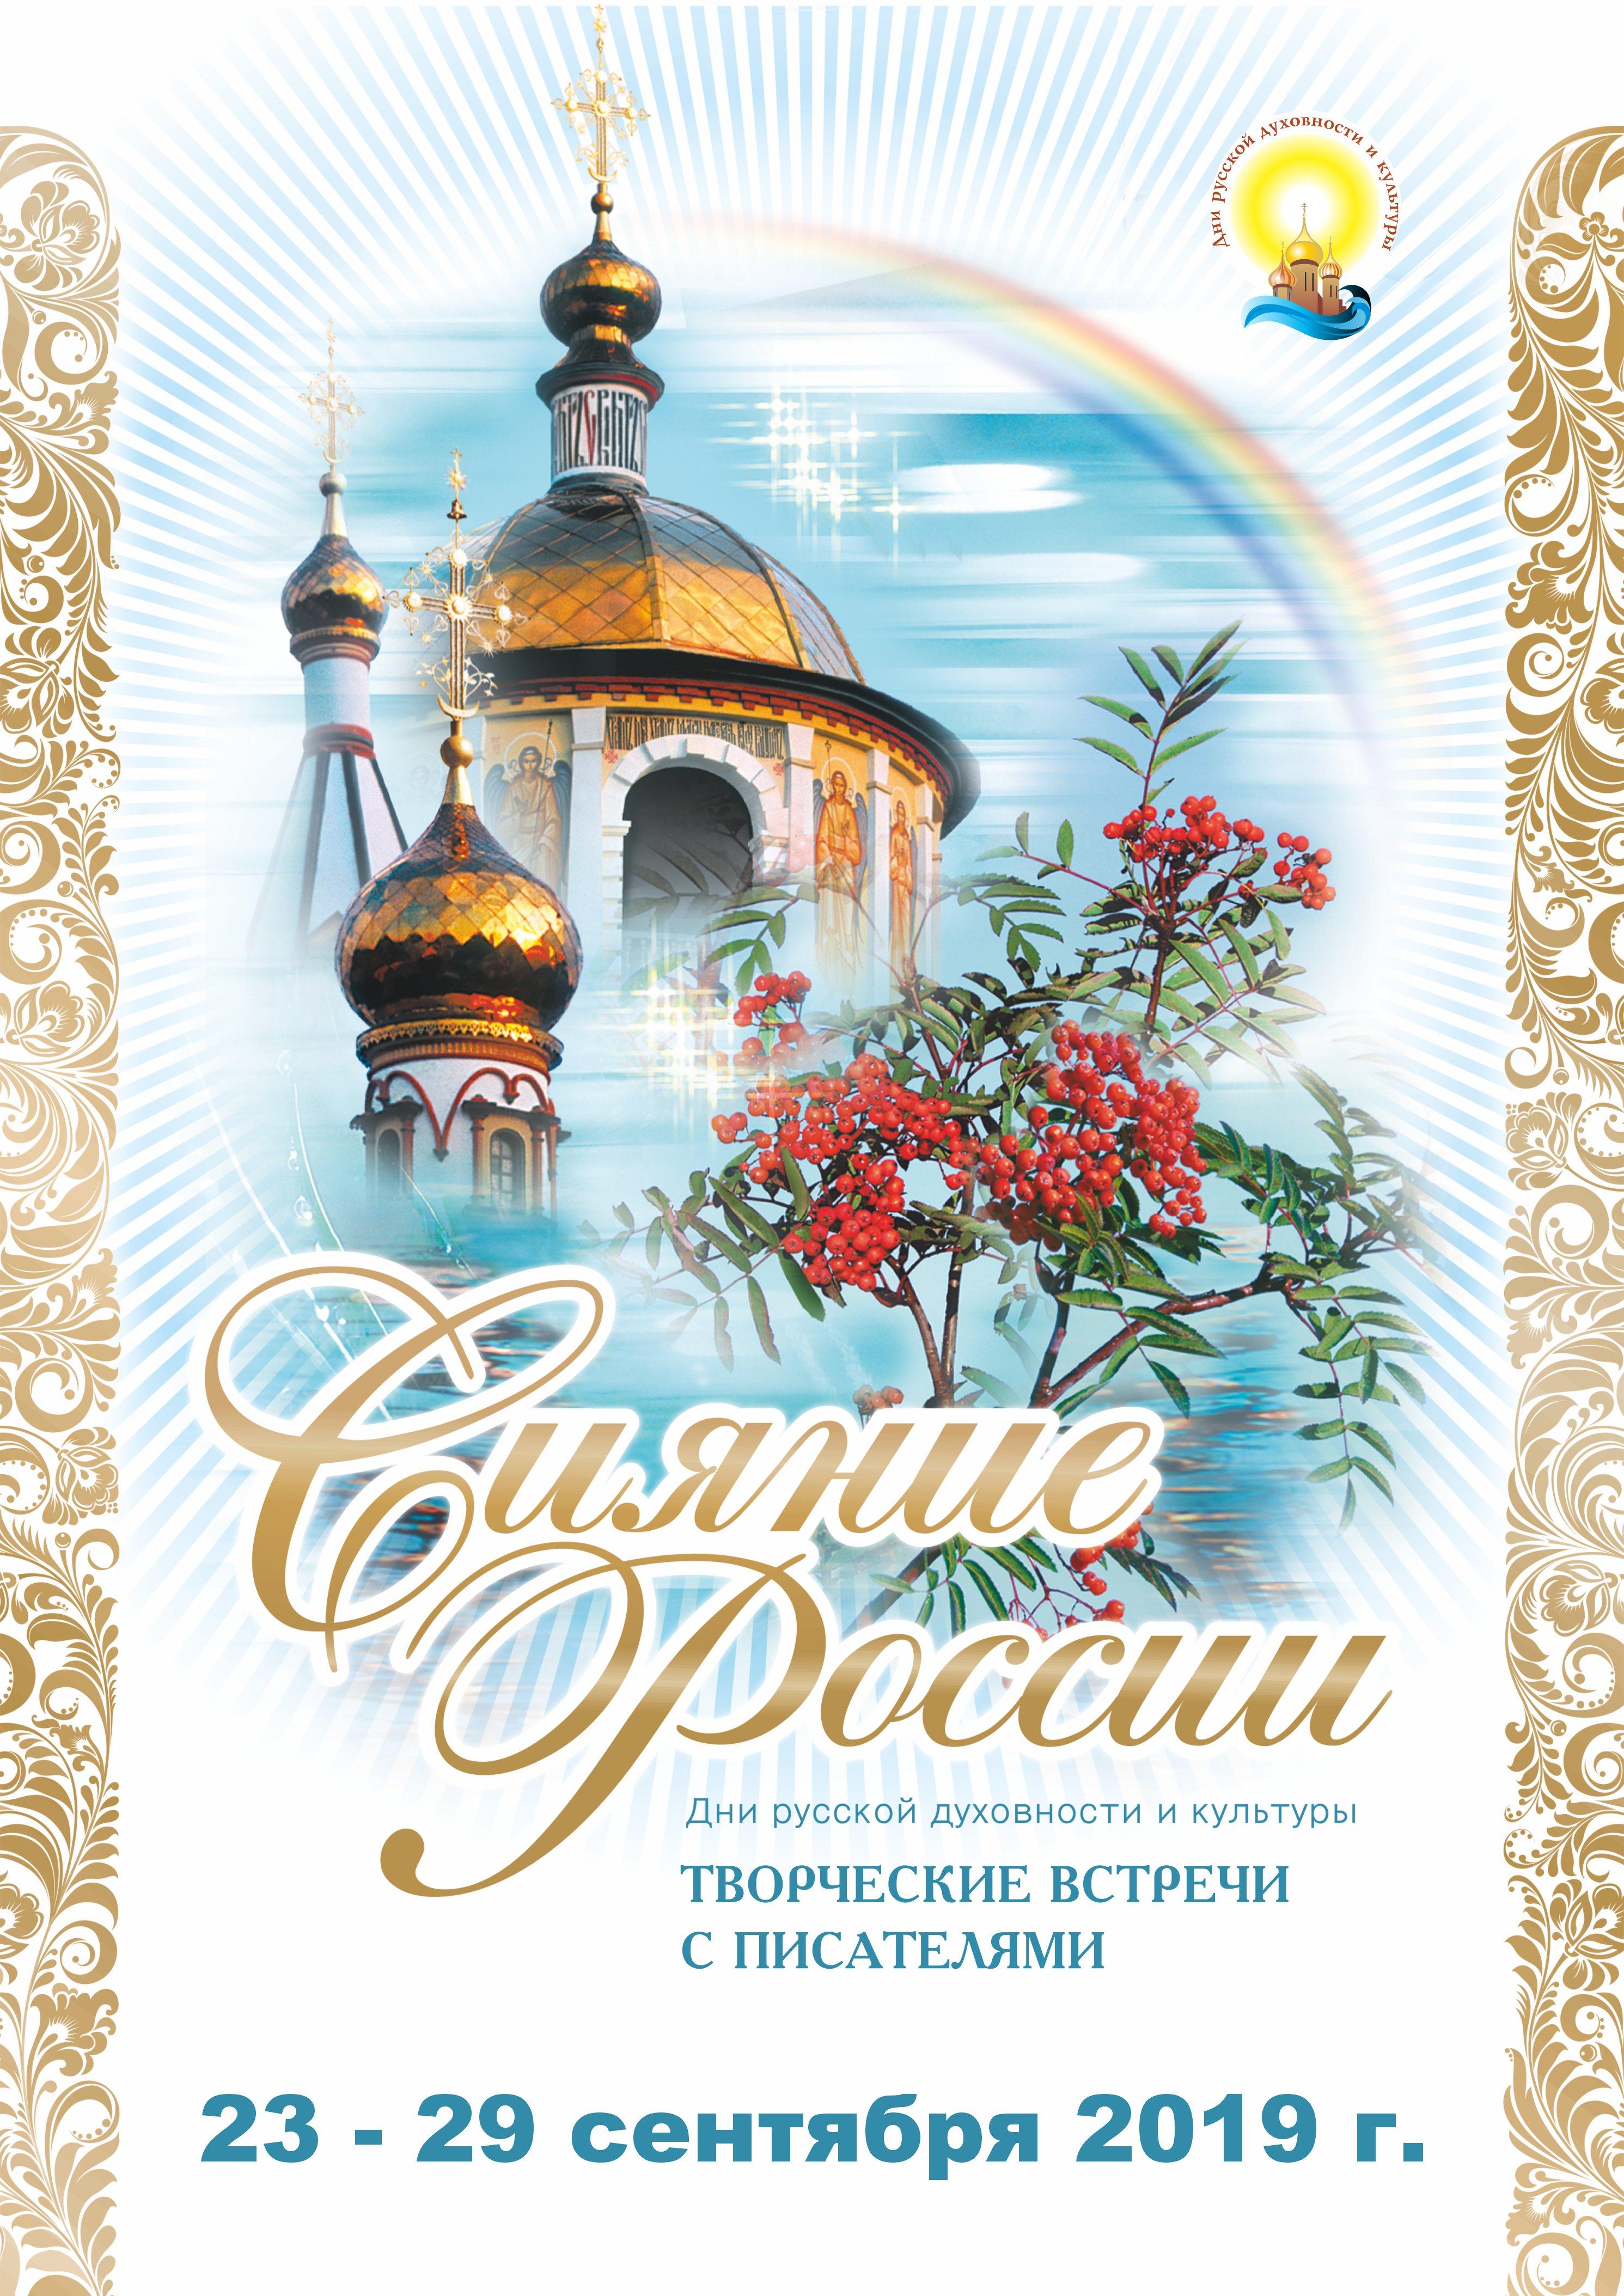 ДНИ РУССКОЙ ДУХОВНОСТИ И КУЛЬТУРЫ «СИЯНИЕ РОССИИ»